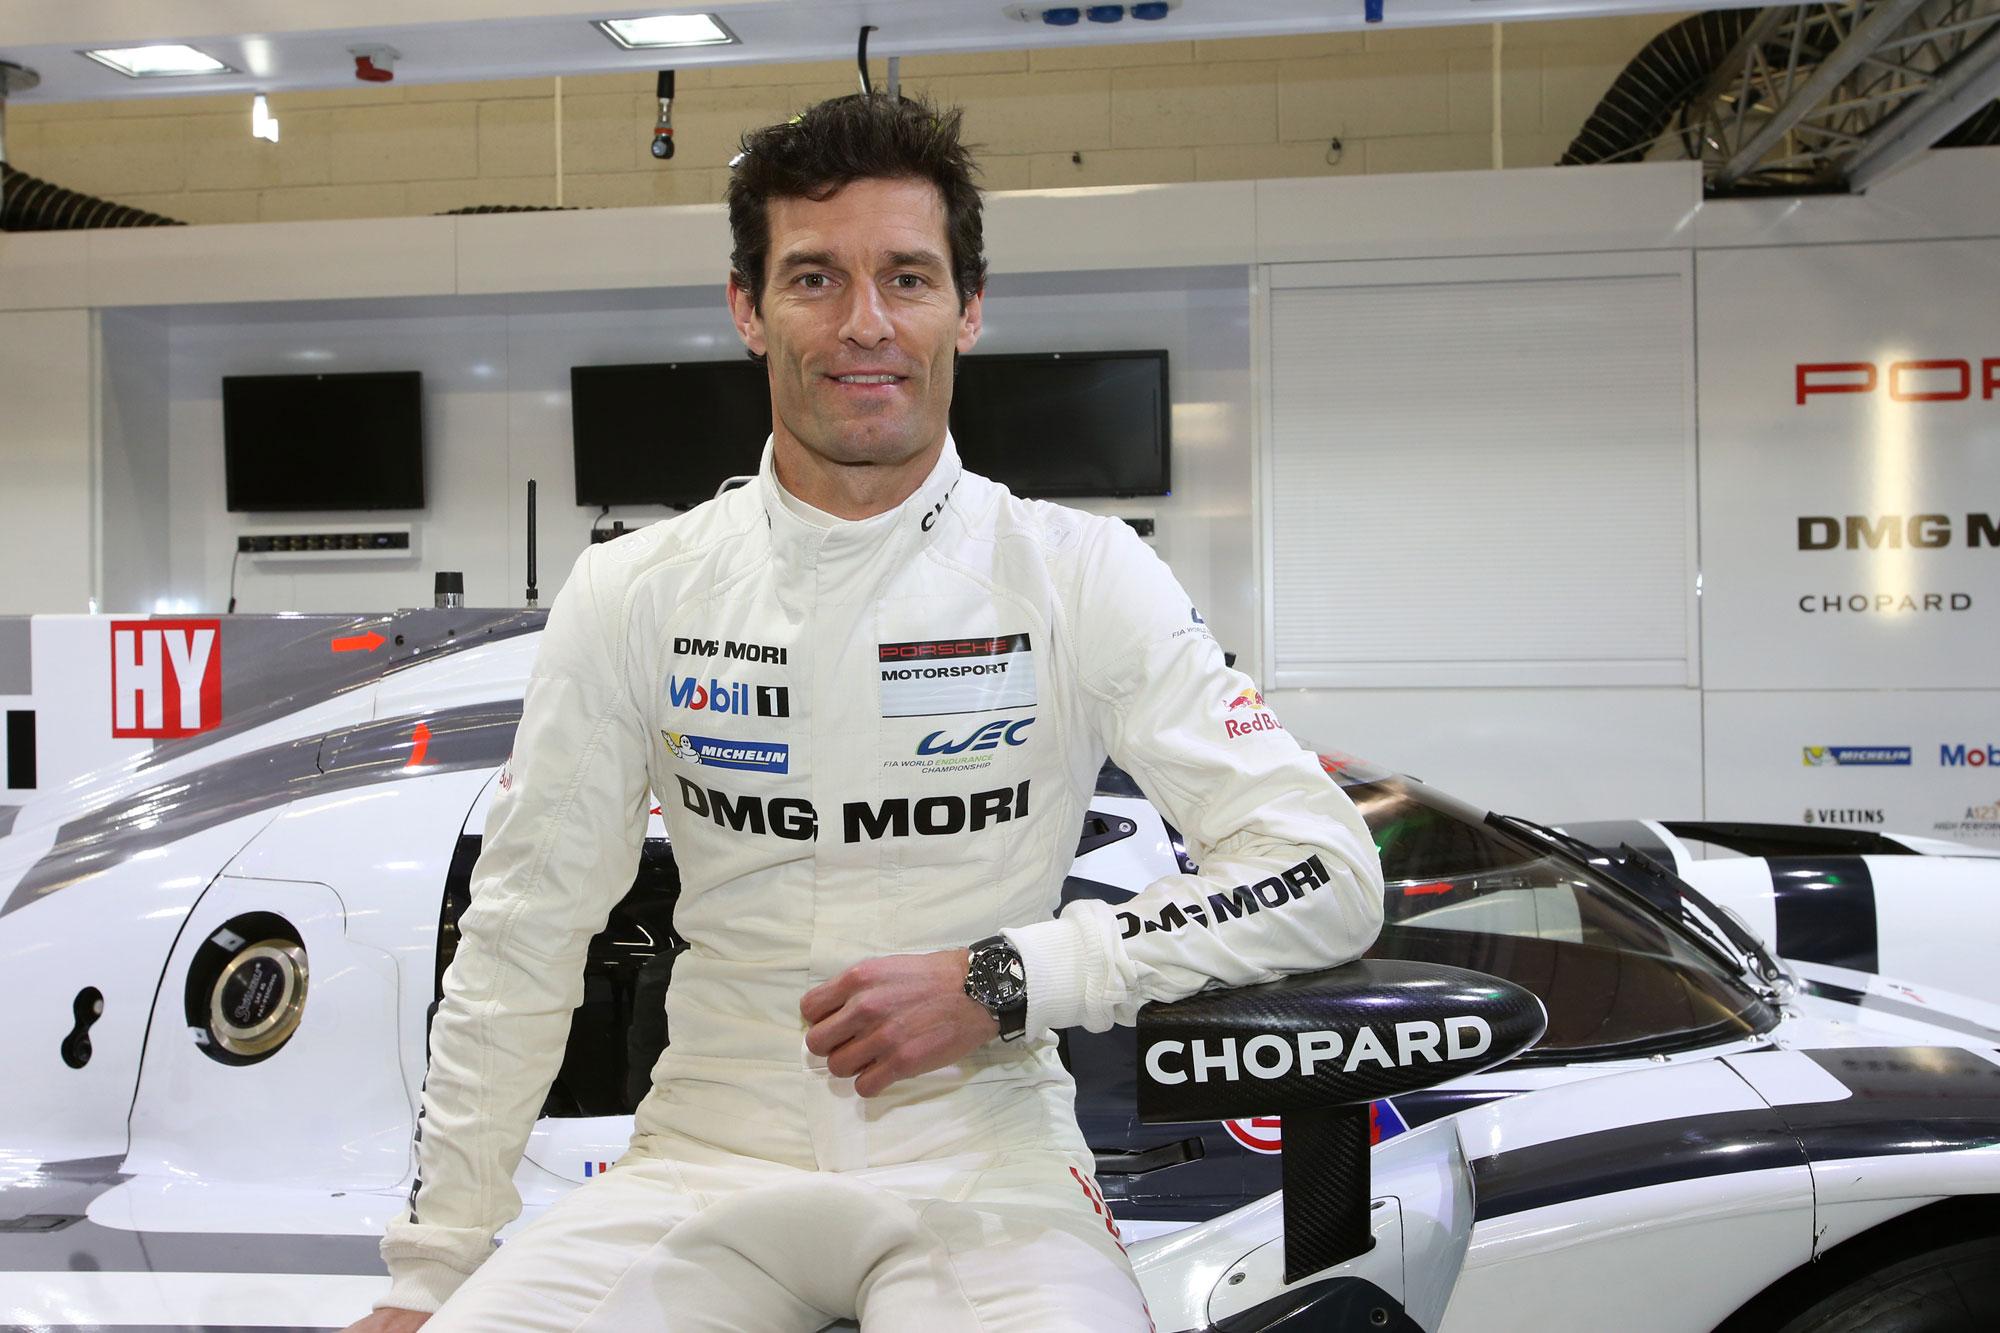 Chopard's ambassador, Mark Webber